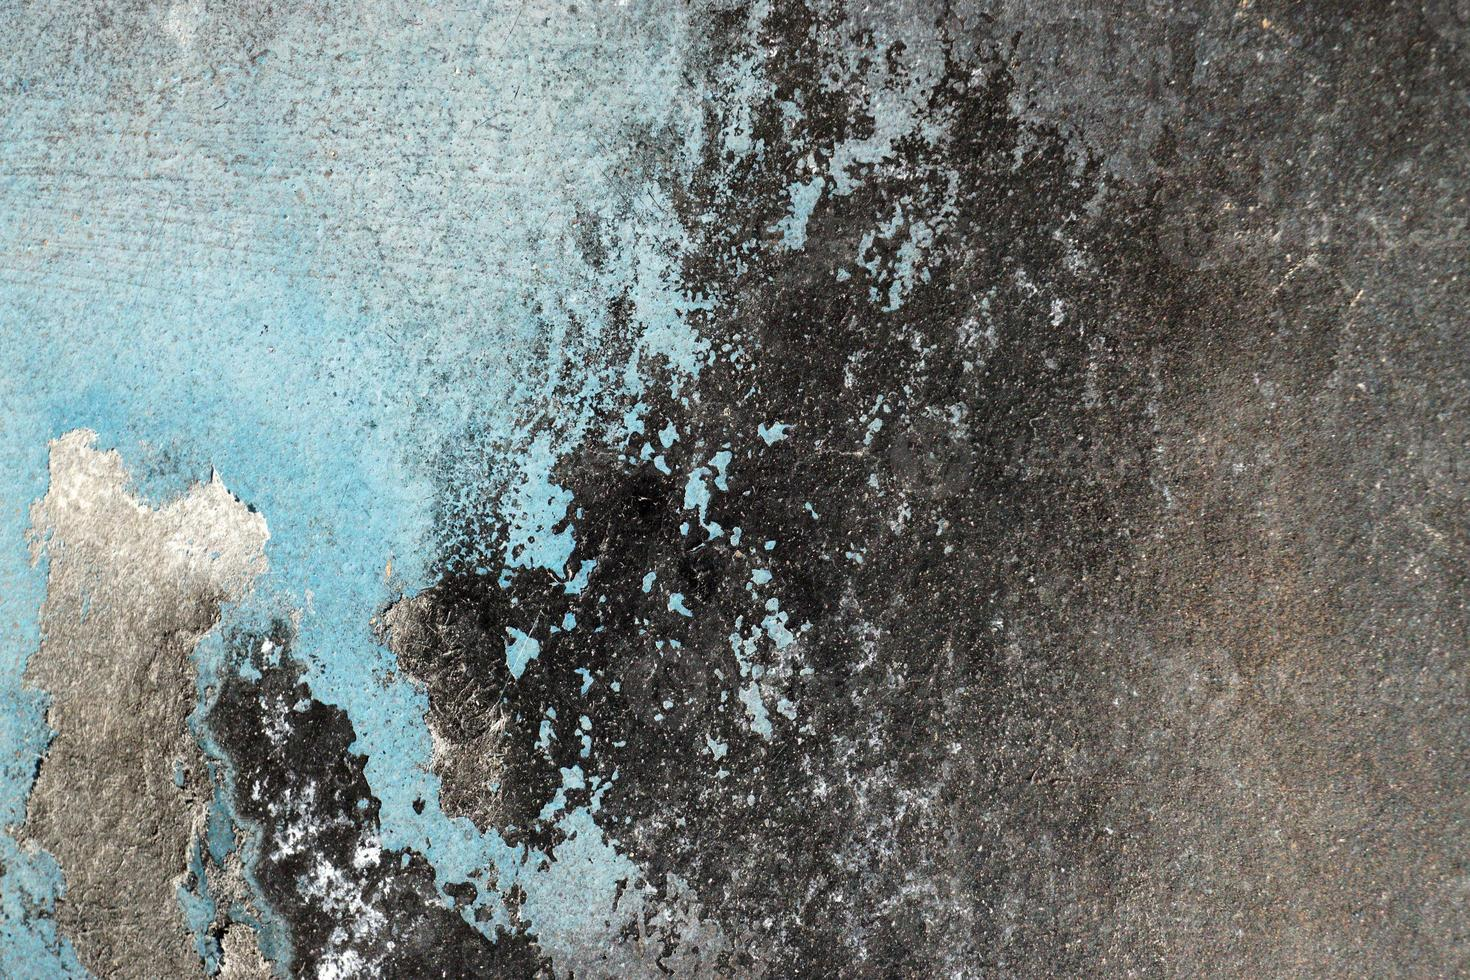 superficie ruvida, graffiata e sbucciata con vernice blu e nera foto